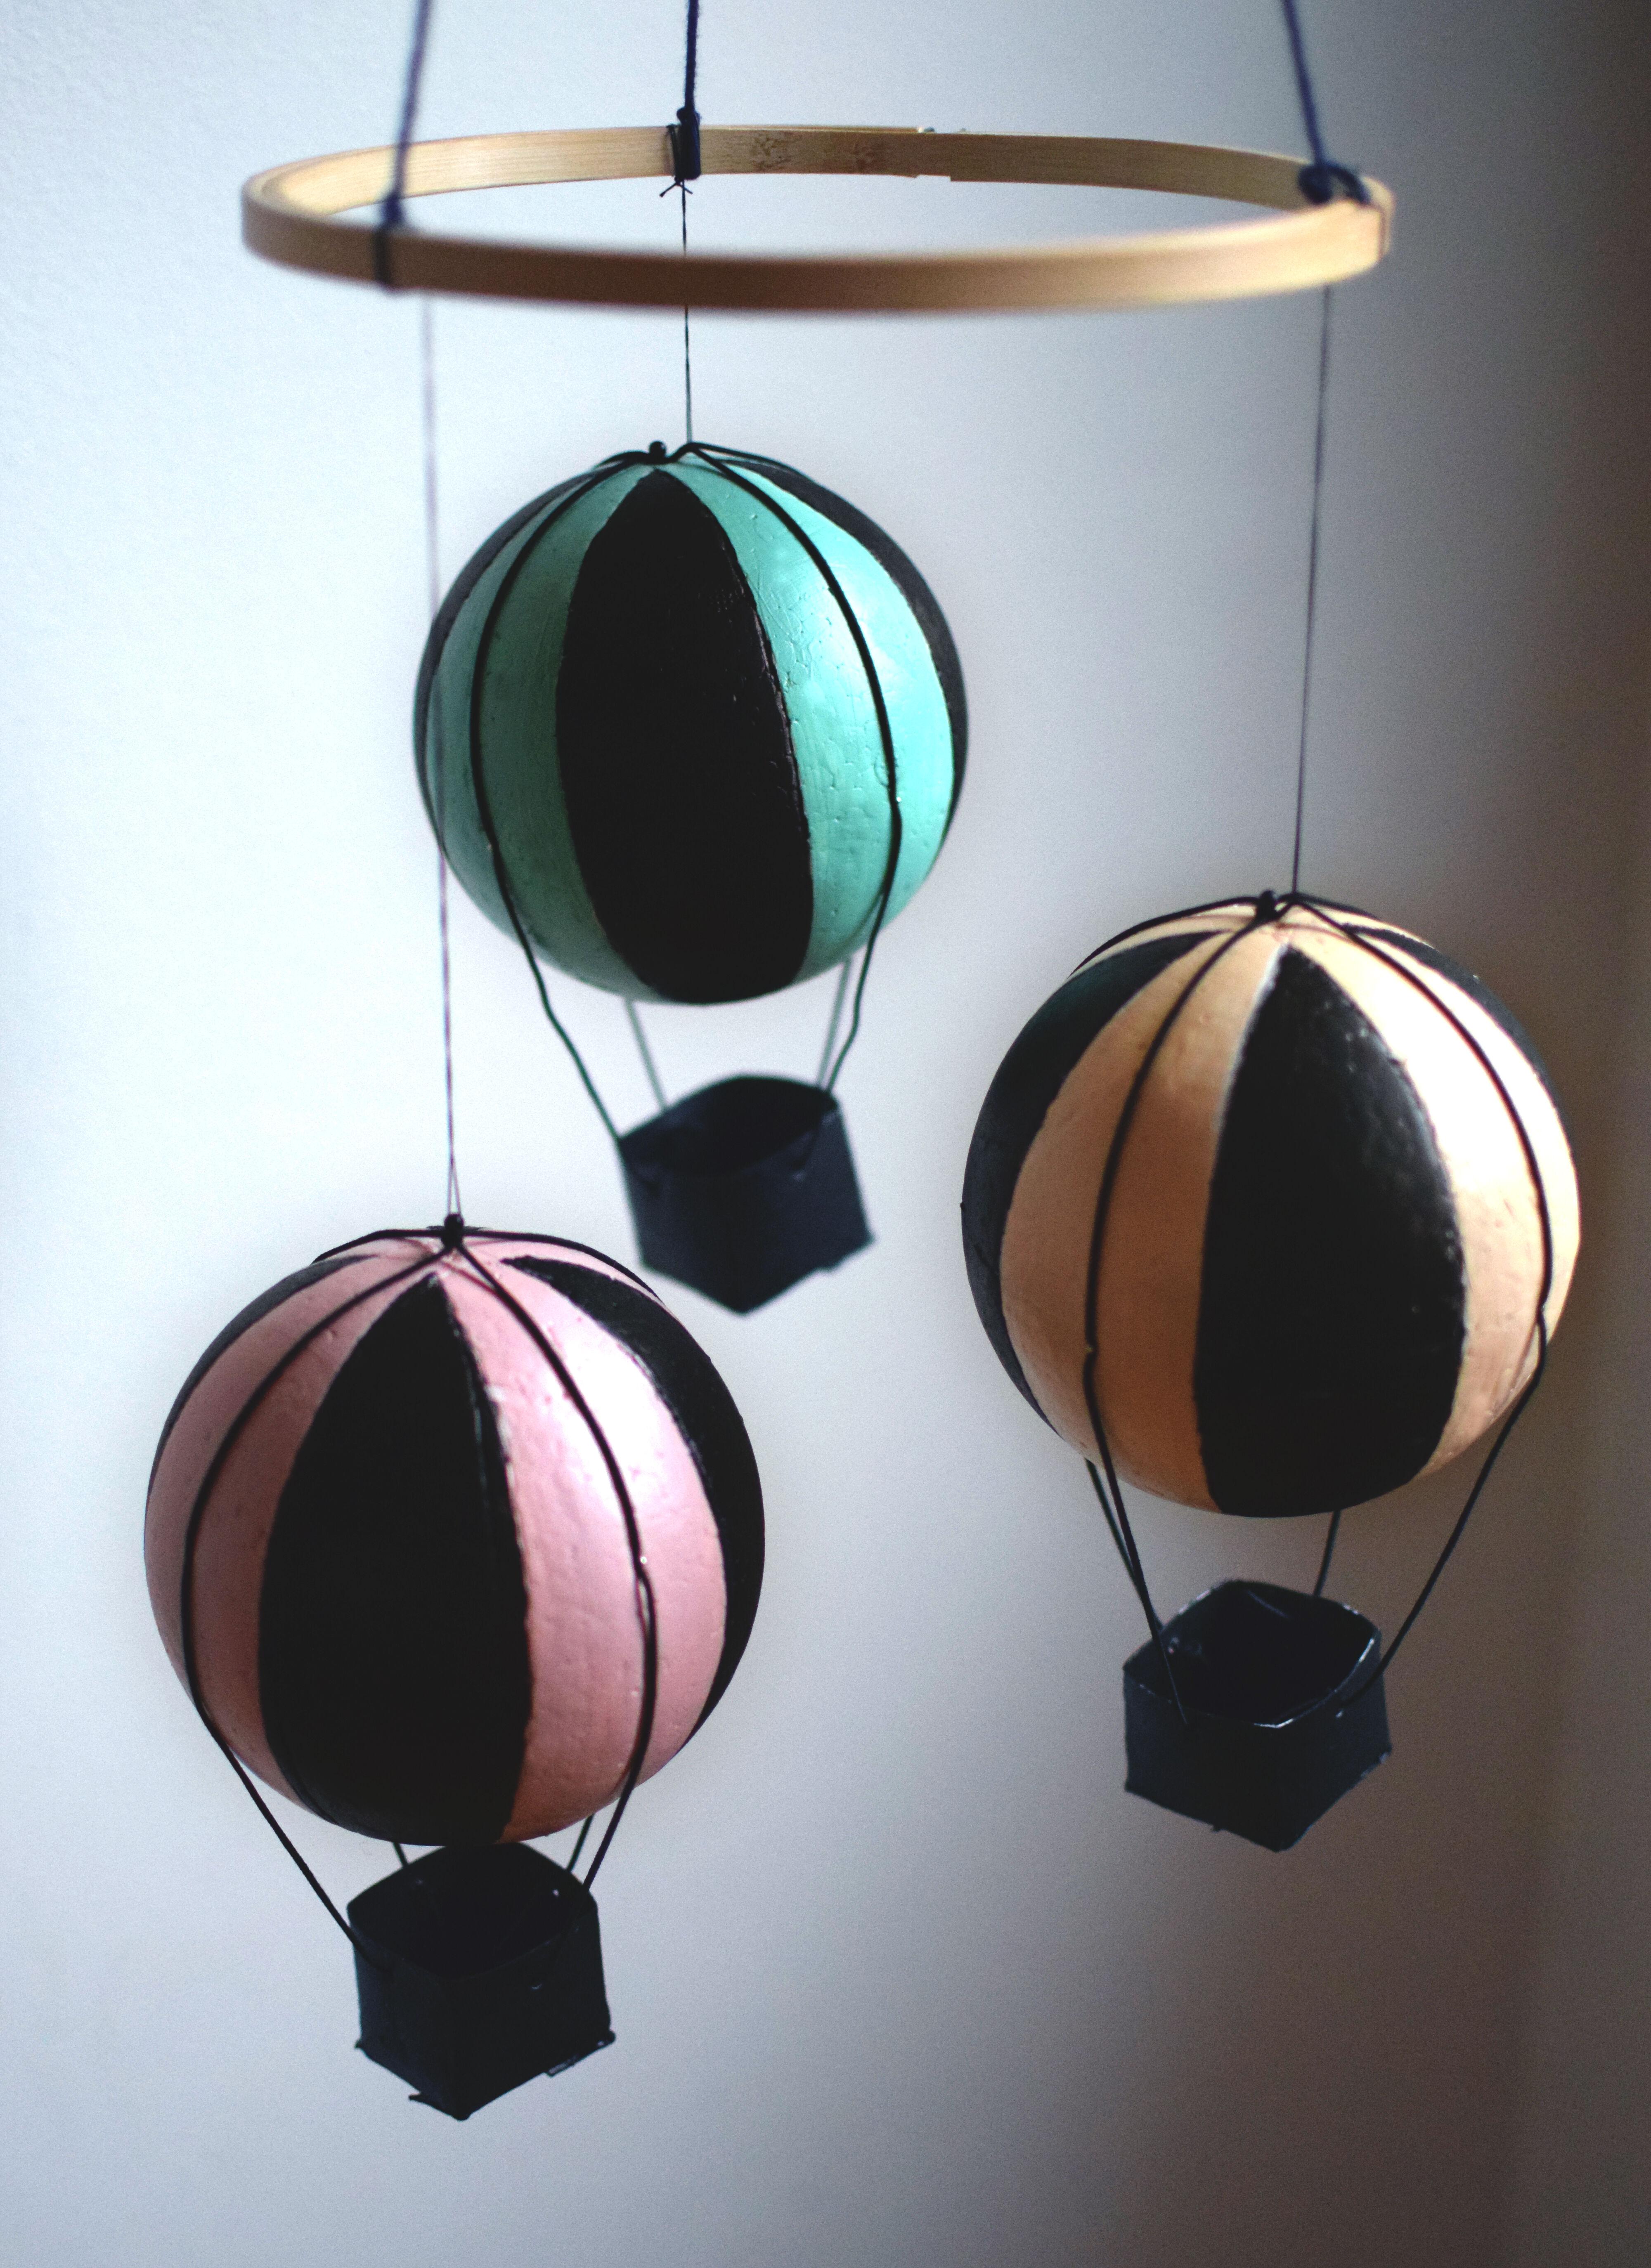 balloons_mobile